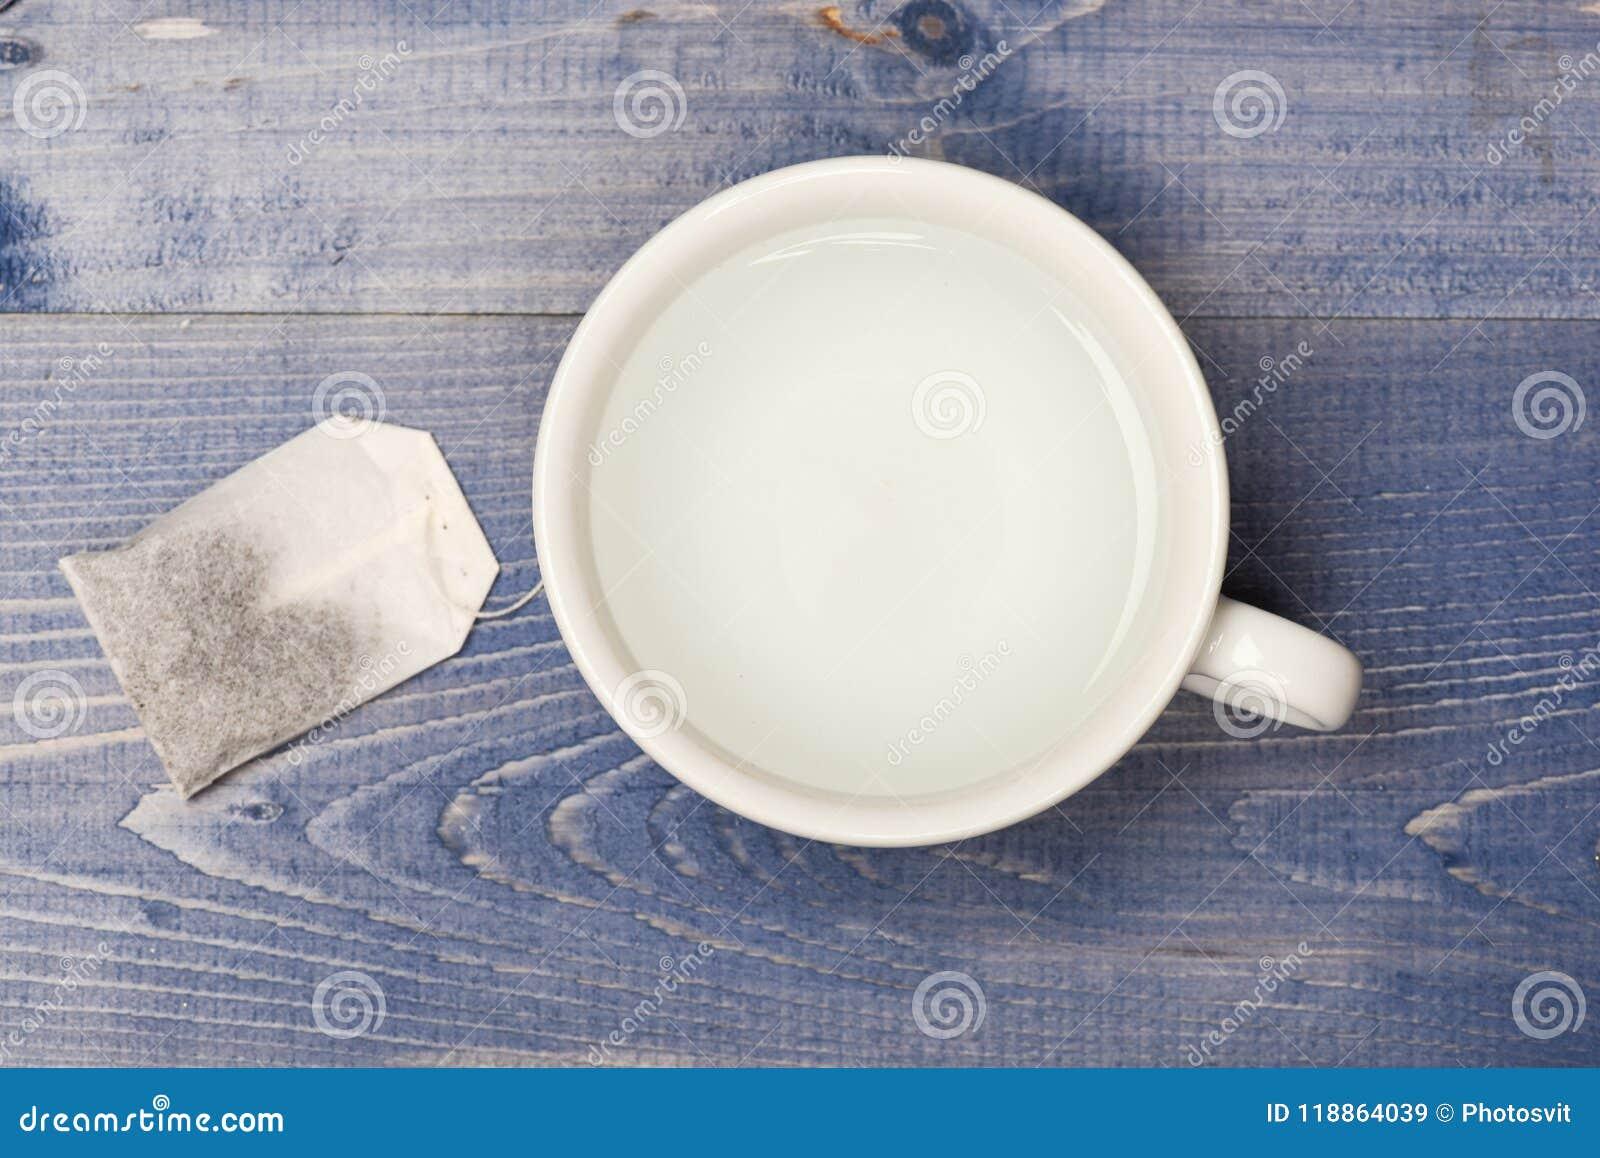 Kop of witte mok met transparante warm water en zak thee Het concept van de theetijd Mok met kokend water en theezakje wordt gevu